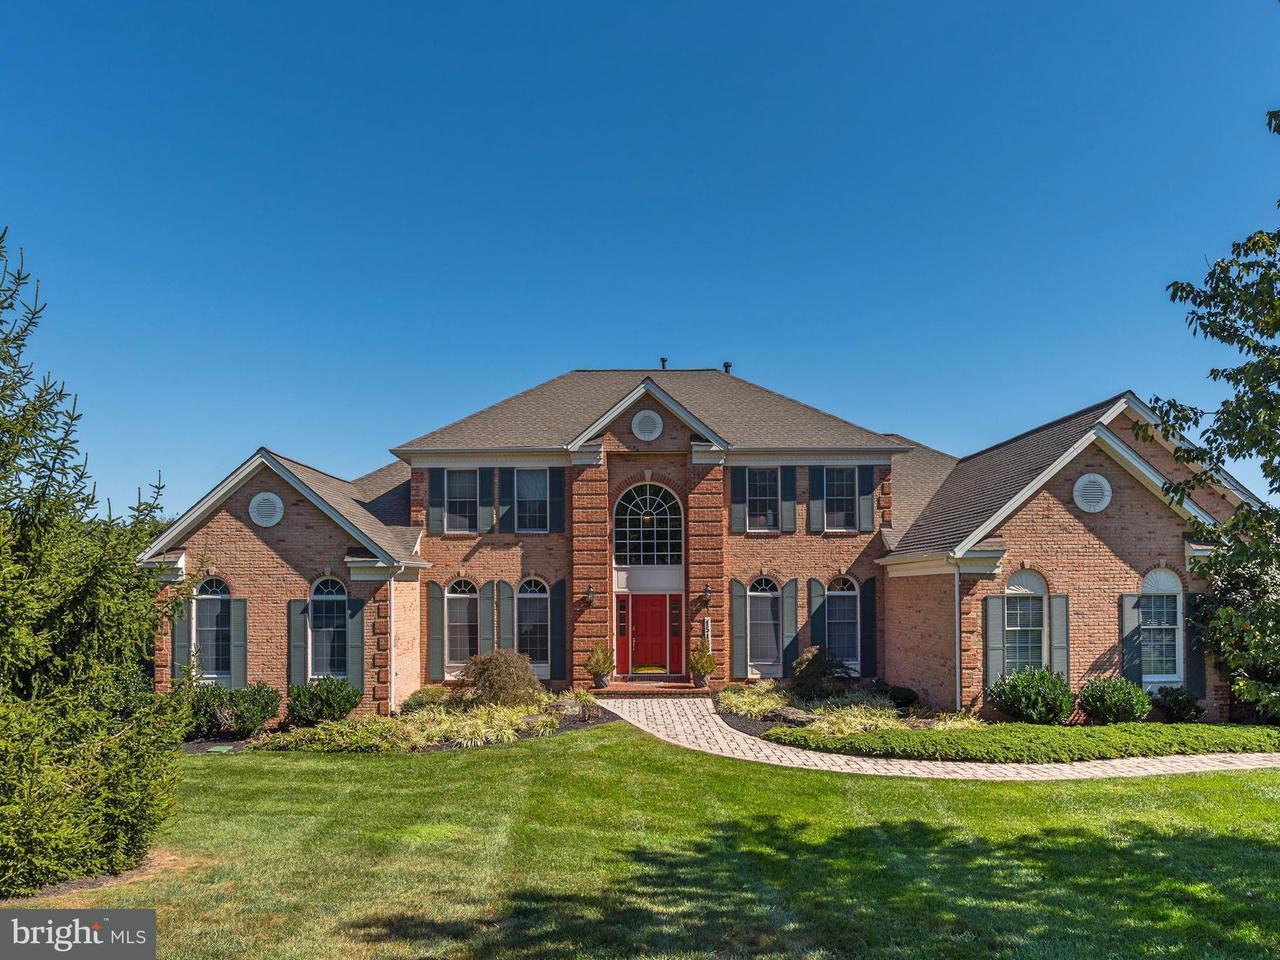 一戸建て のために 売買 アット 15178 SAPLING RIDGE Drive 15178 SAPLING RIDGE Drive Dayton, メリーランド 21036 アメリカ合衆国